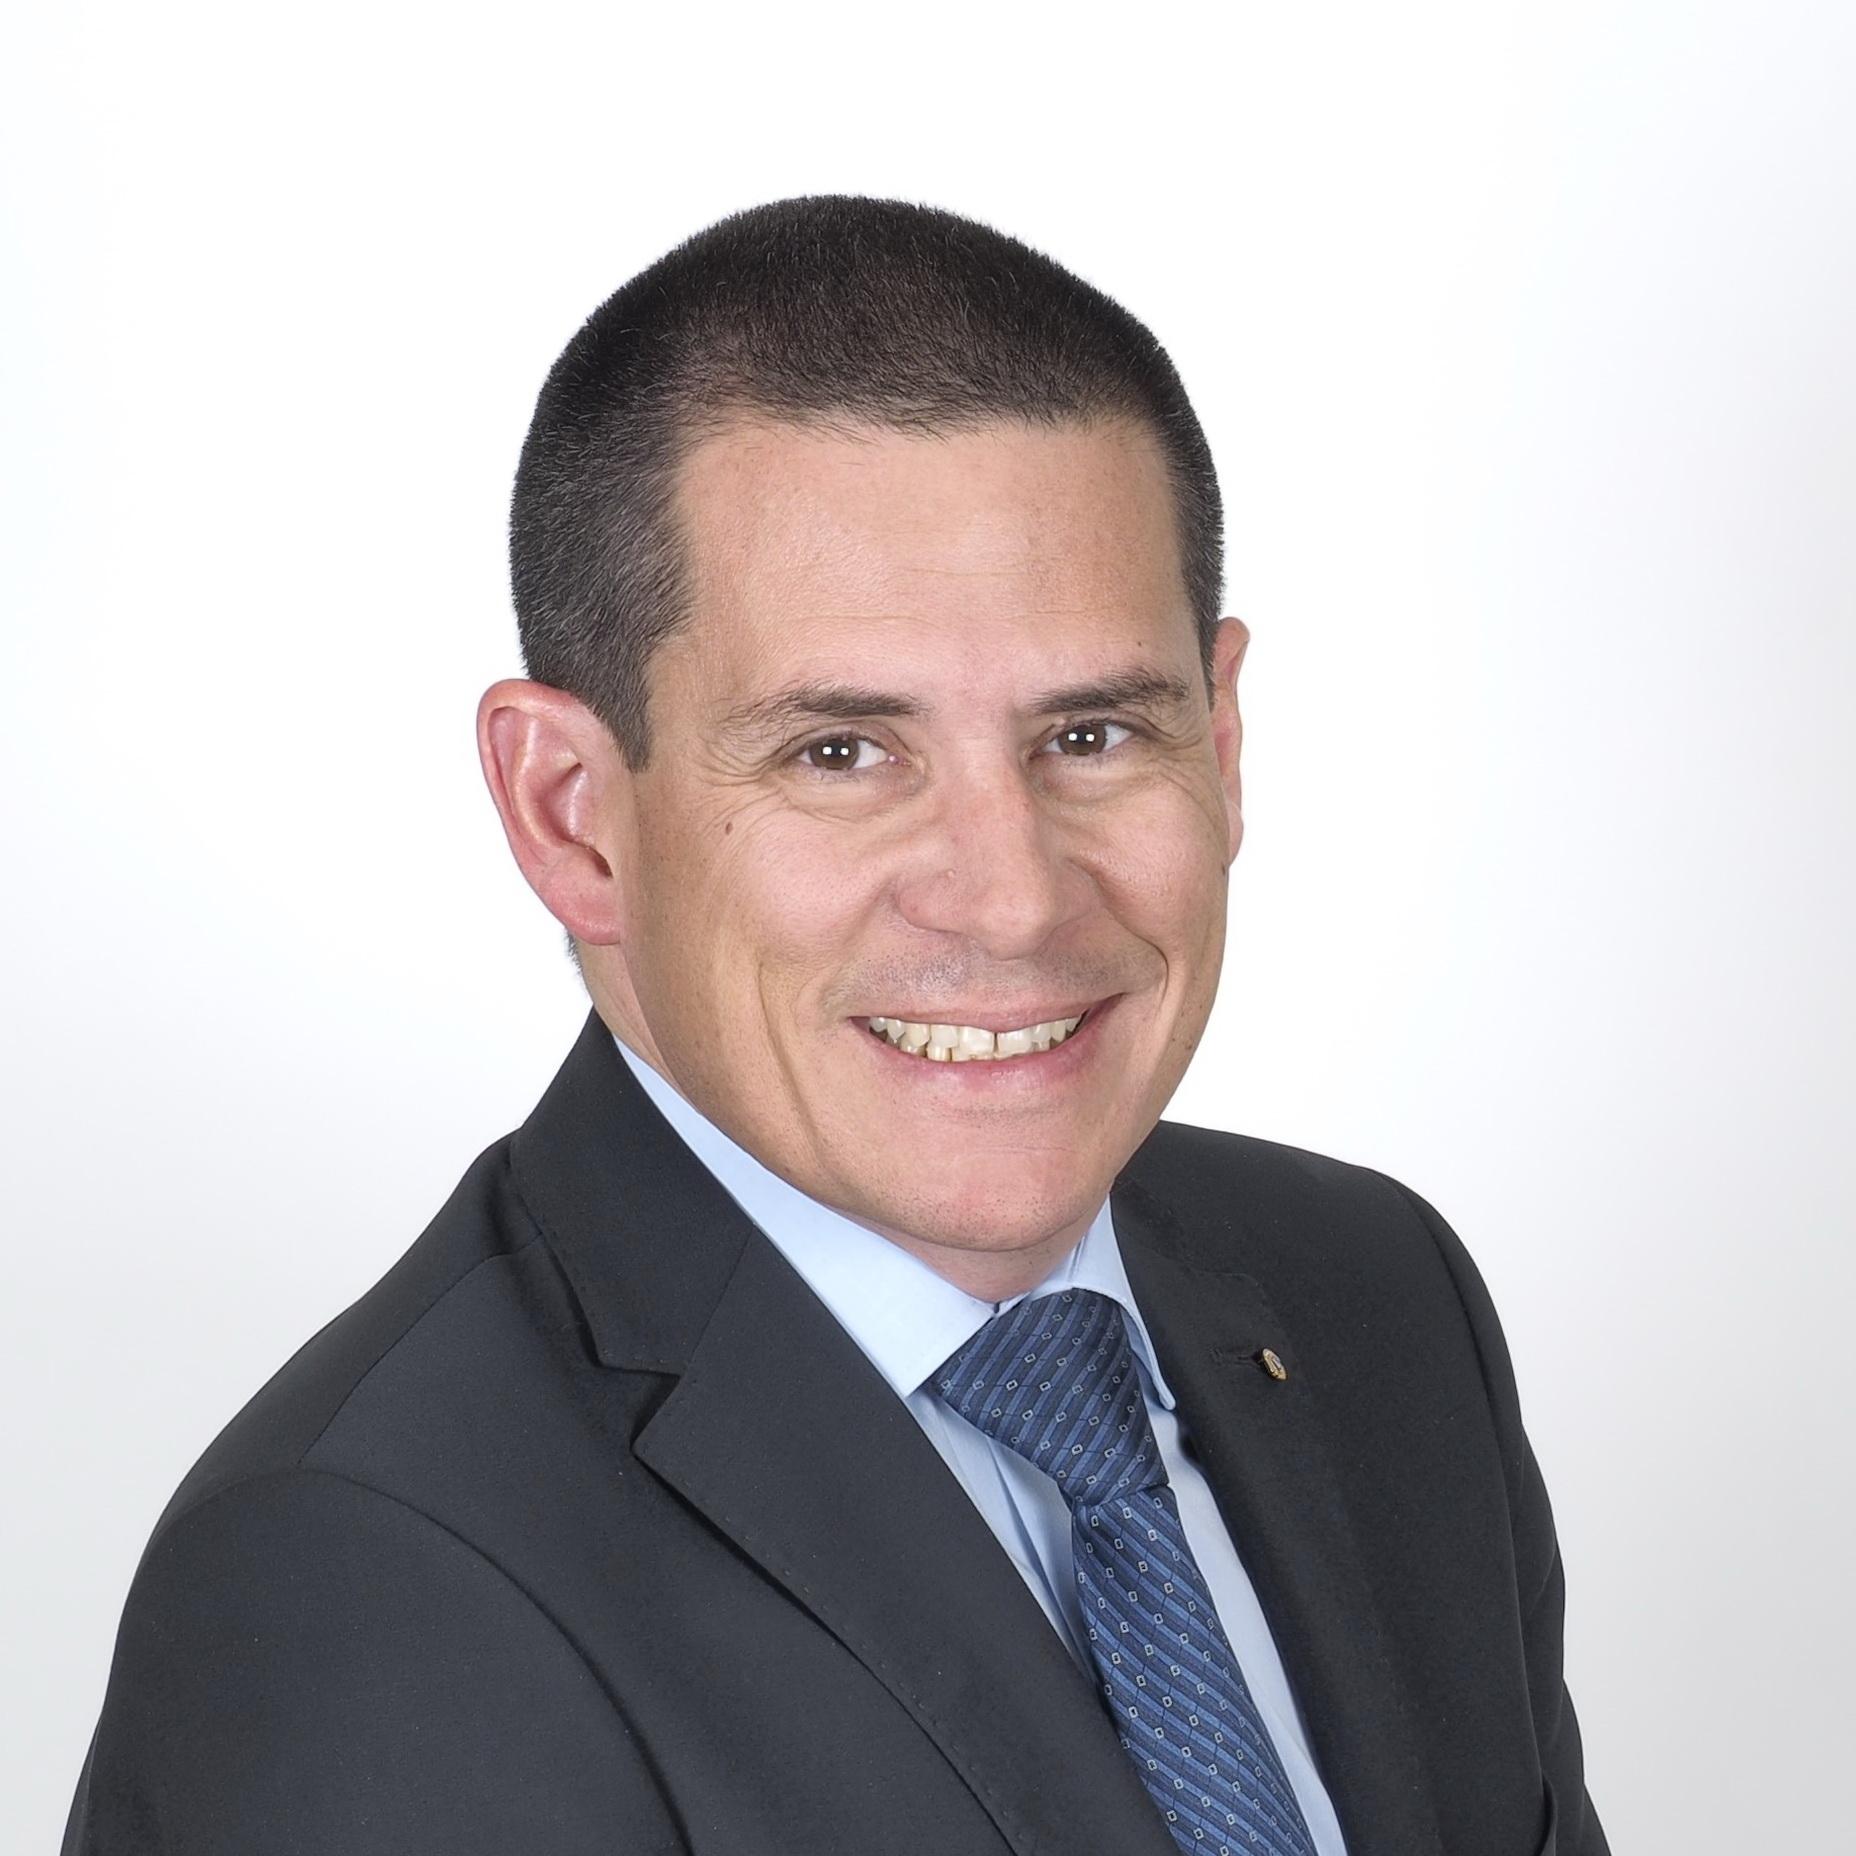 Patrick Cretton, Député suppléant et Conseiller général (PLR/Sierre)